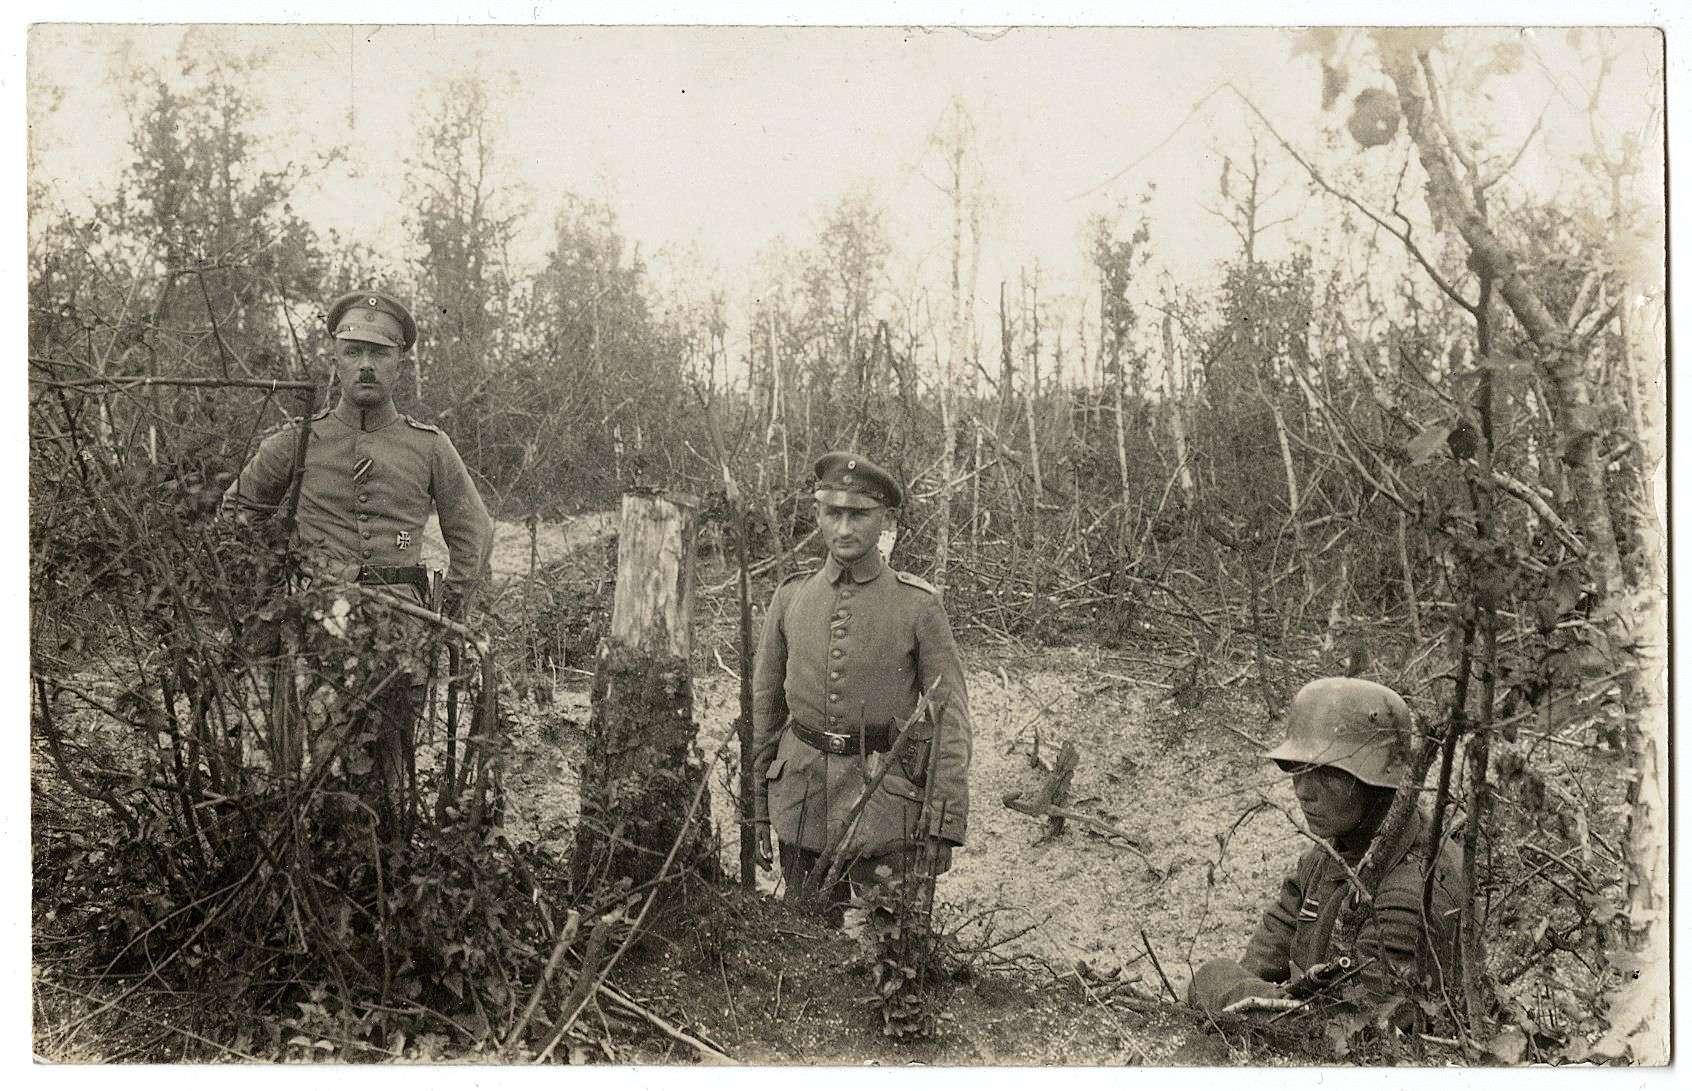 Häfner, Wilhelm, Bild 2